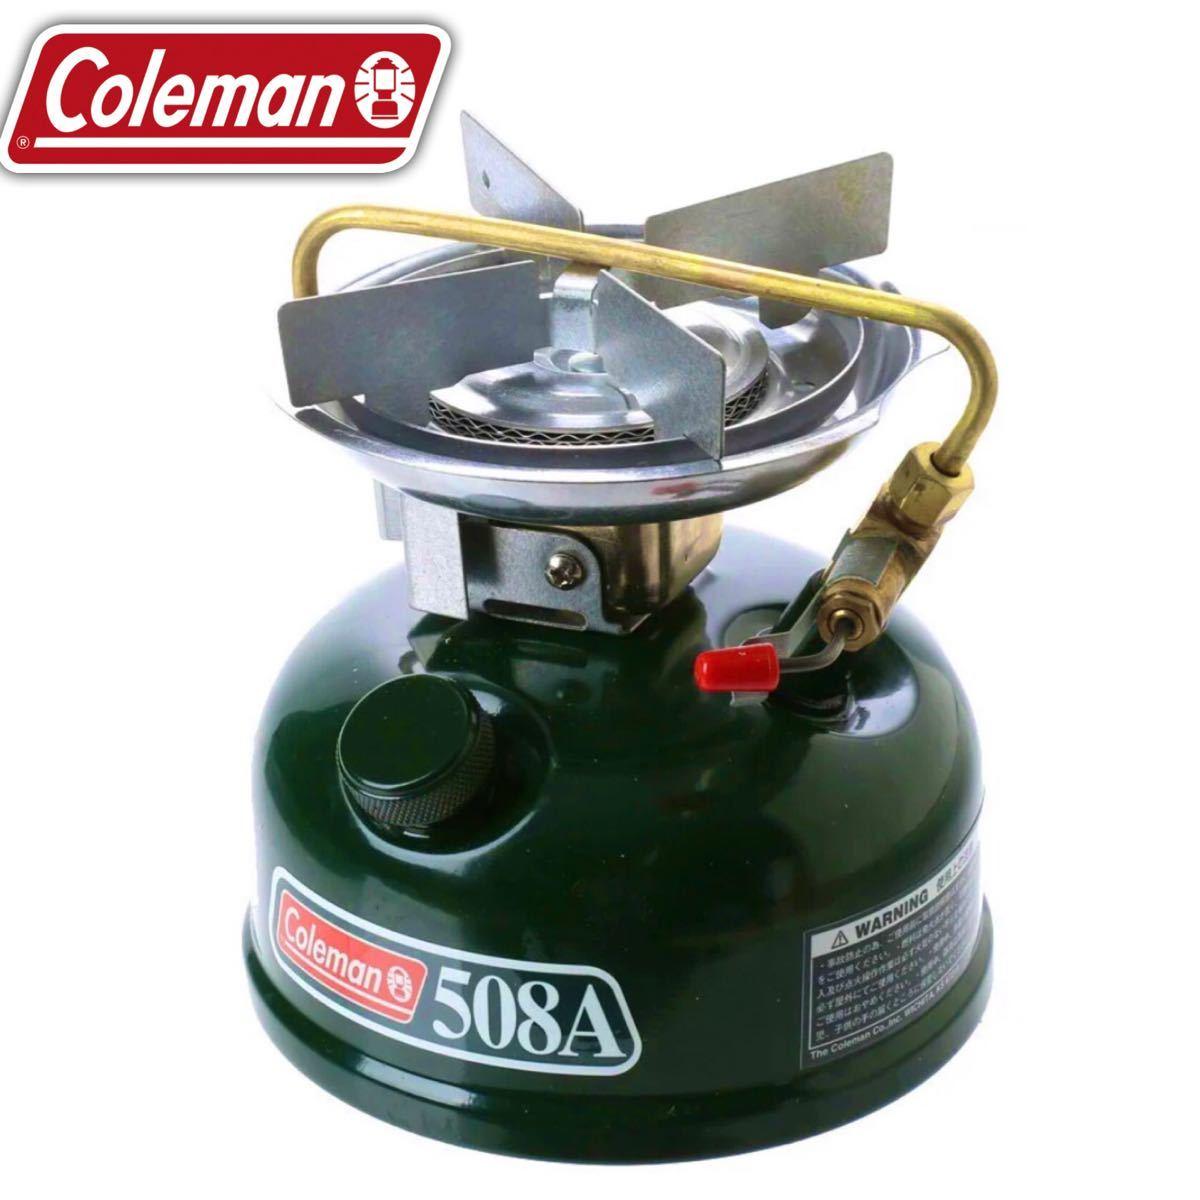 新品 コールマン スポーツスター2  ガスバーナー バーナー 508A700J Coleman シングルバーナー スポーツスター